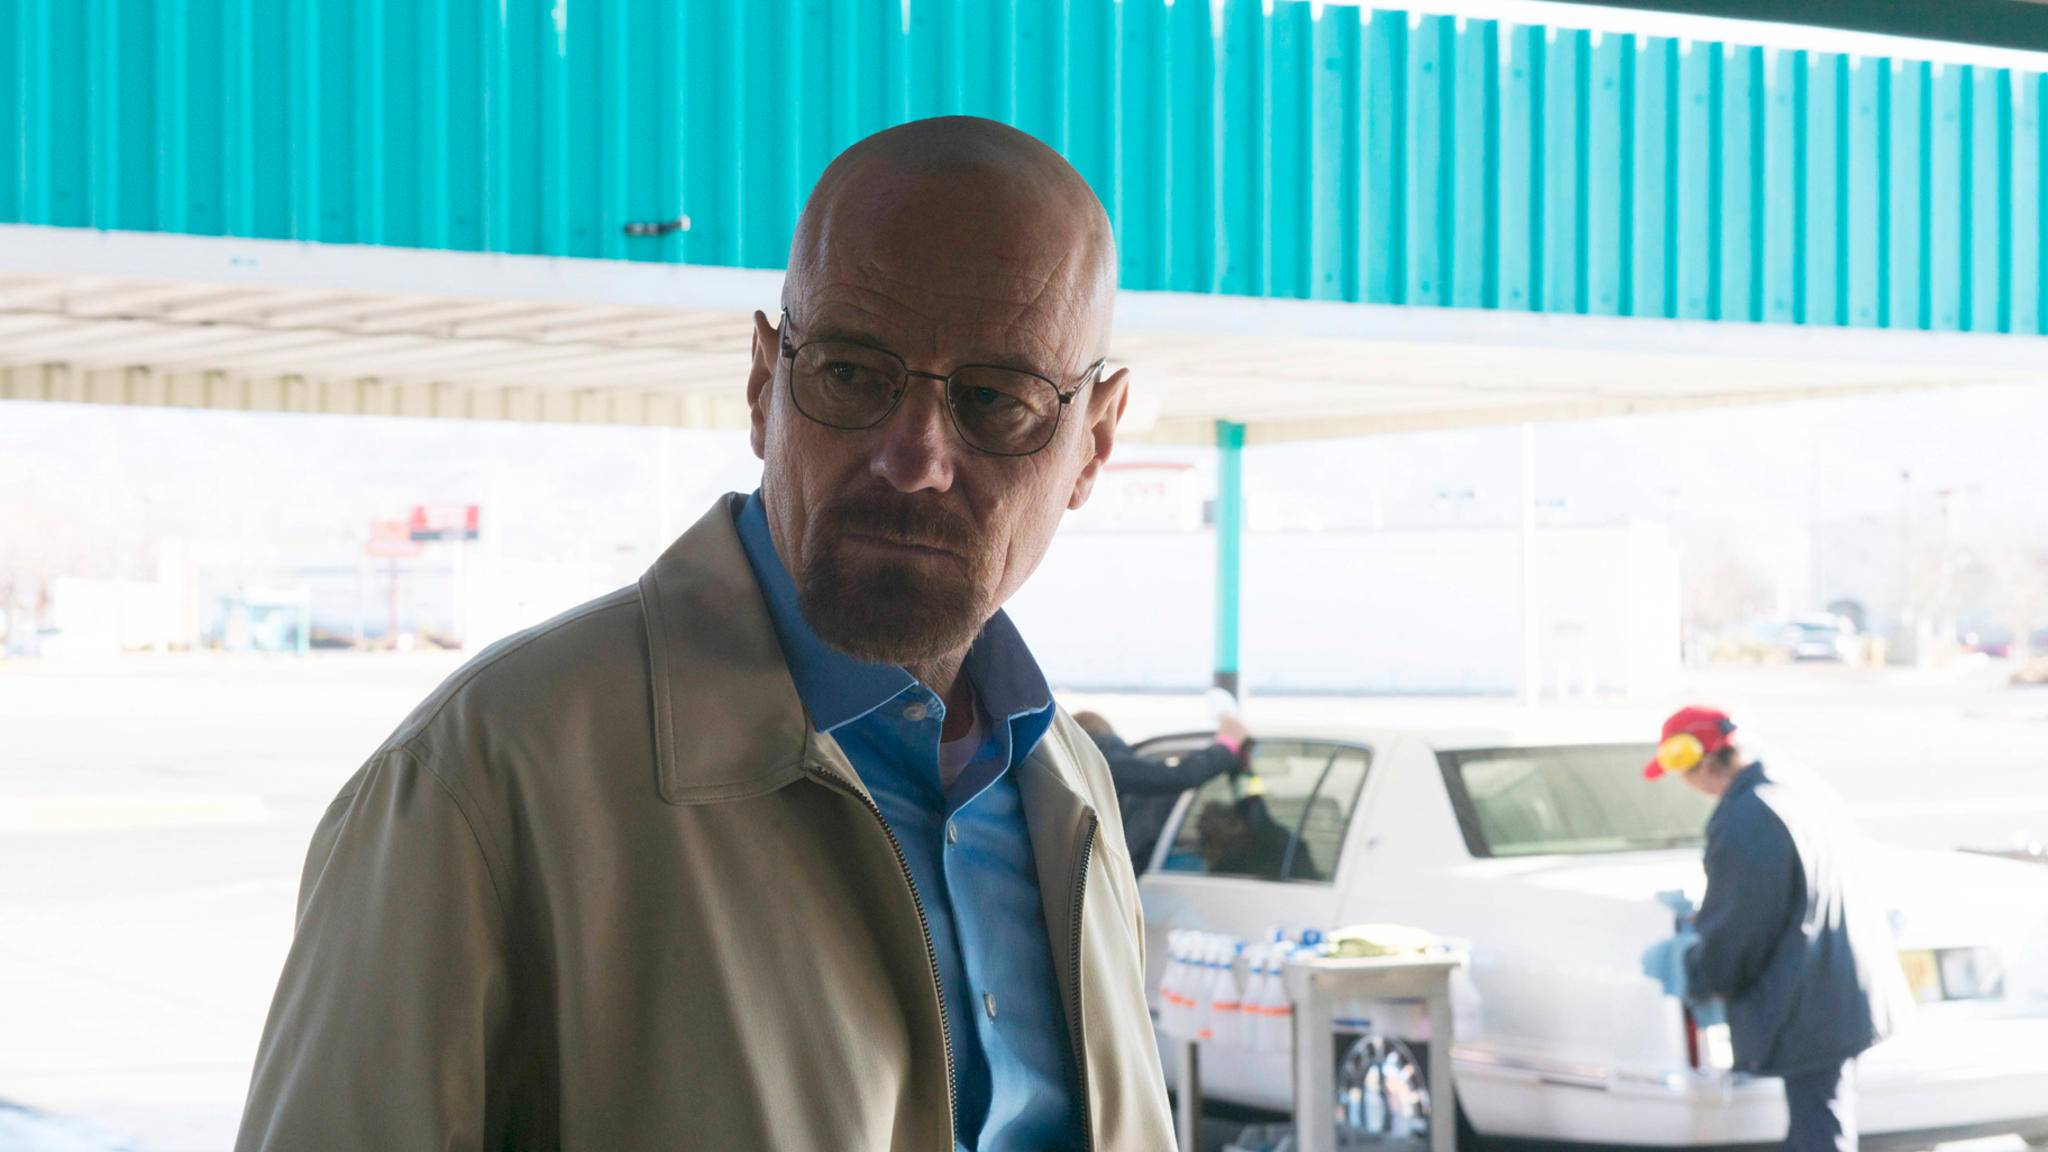 Bryan Cranston könnte bald schon wieder als Walter White sein Unwesen treiben.